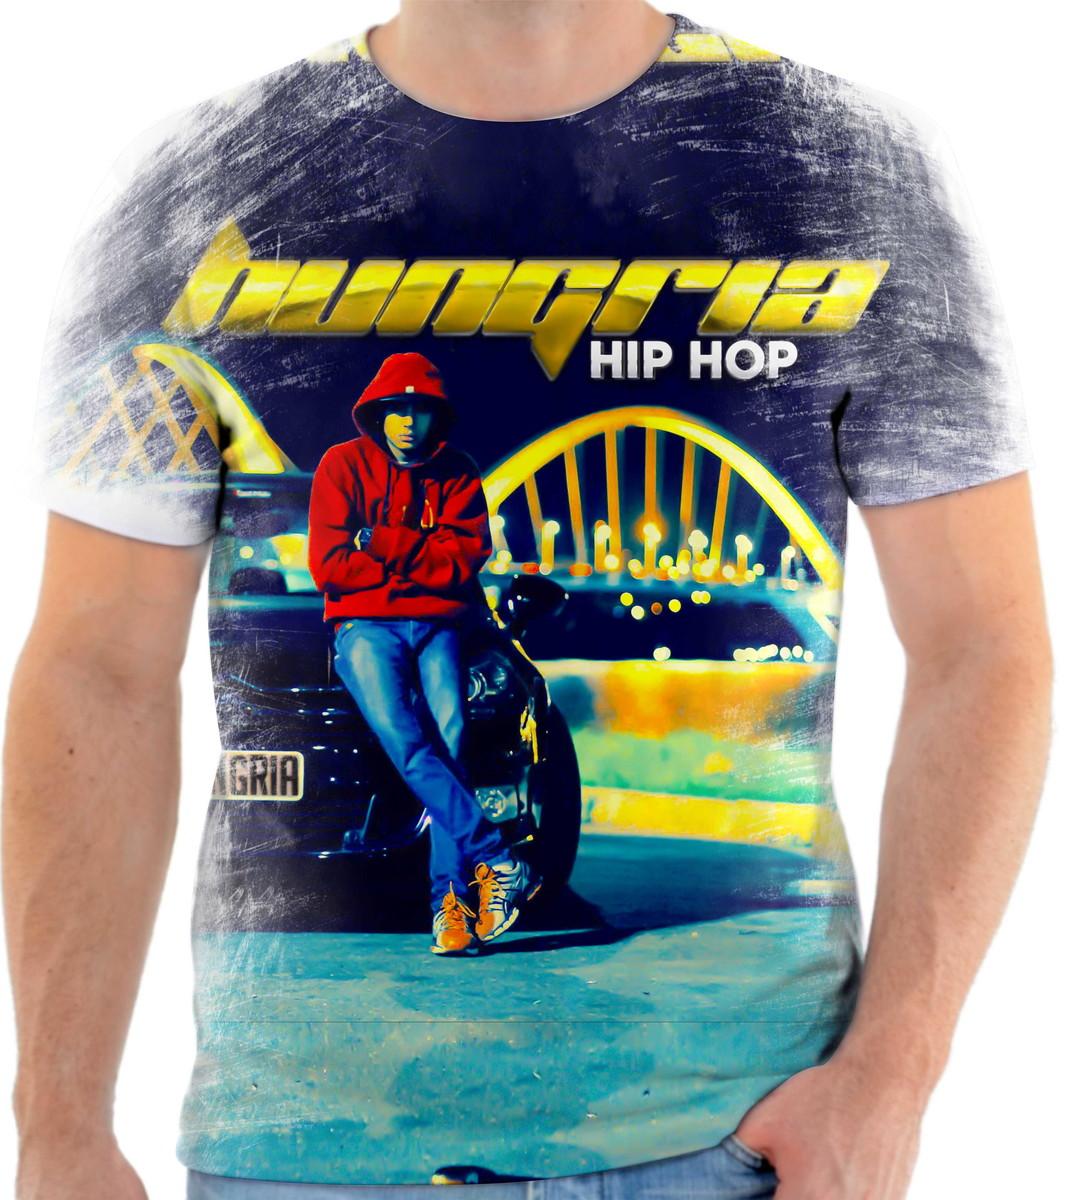 Camisa Camiseta Personaliza Cantor Hungria Hip Hop Rap 3 no Elo7 ... b3226b43e45